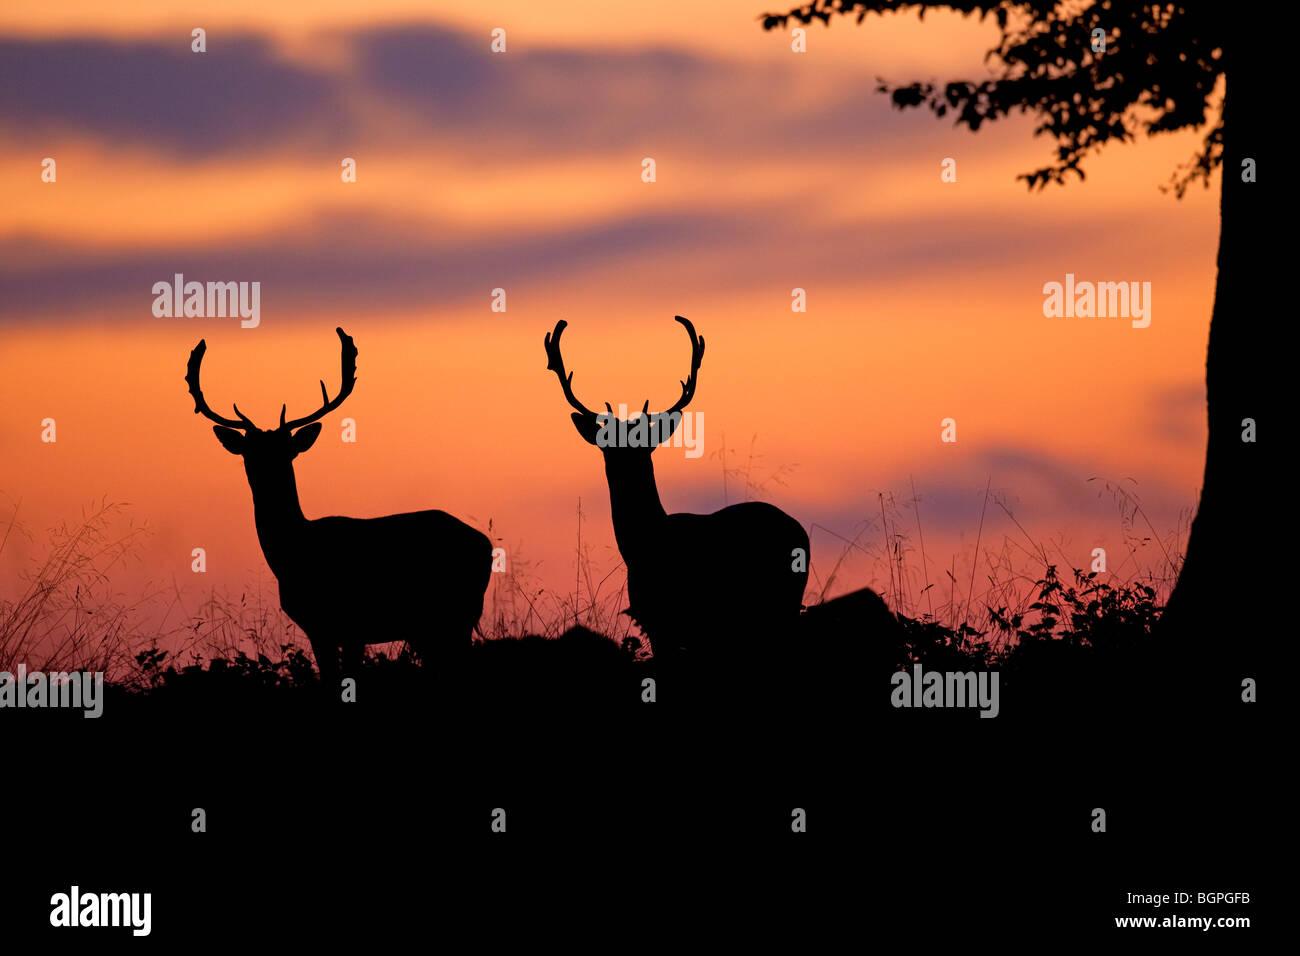 Damhirsch (Dama Dama) Hirsch Silhouetten bei Sonnenuntergang in der Brunftzeit im Herbst Stockbild